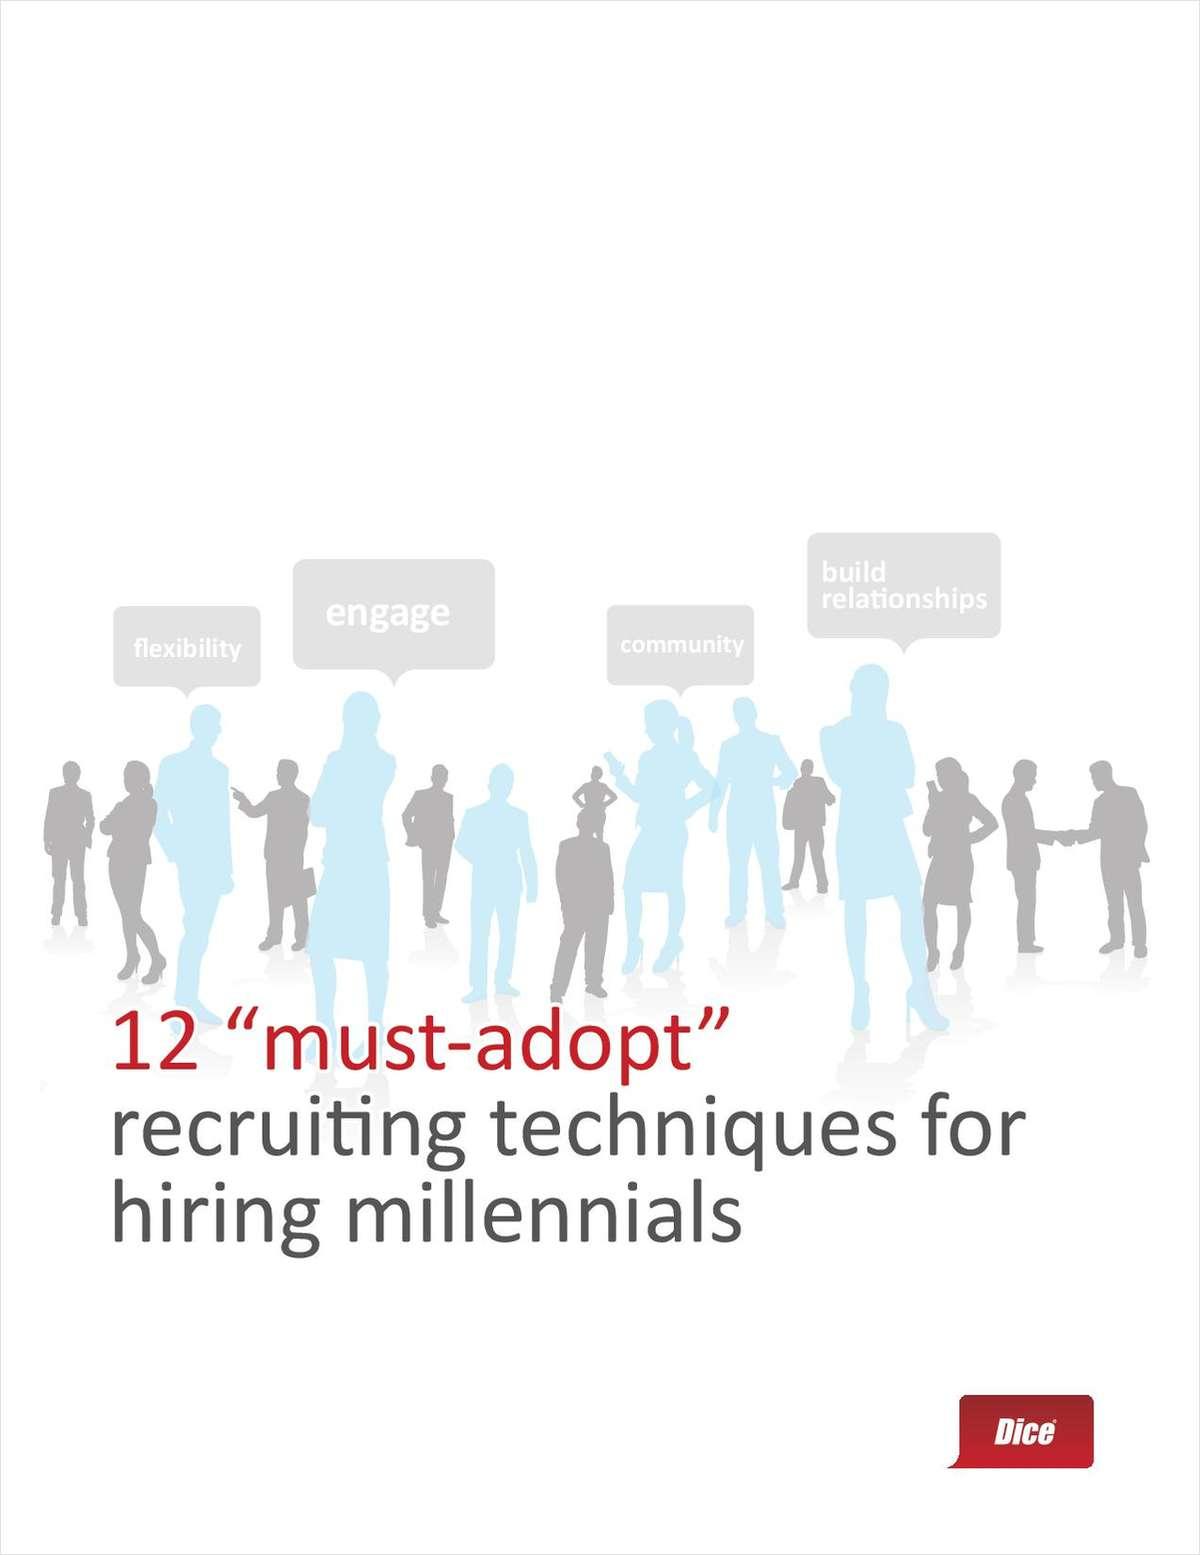 12 must-adopt recruiting techniques for hiring millennials.